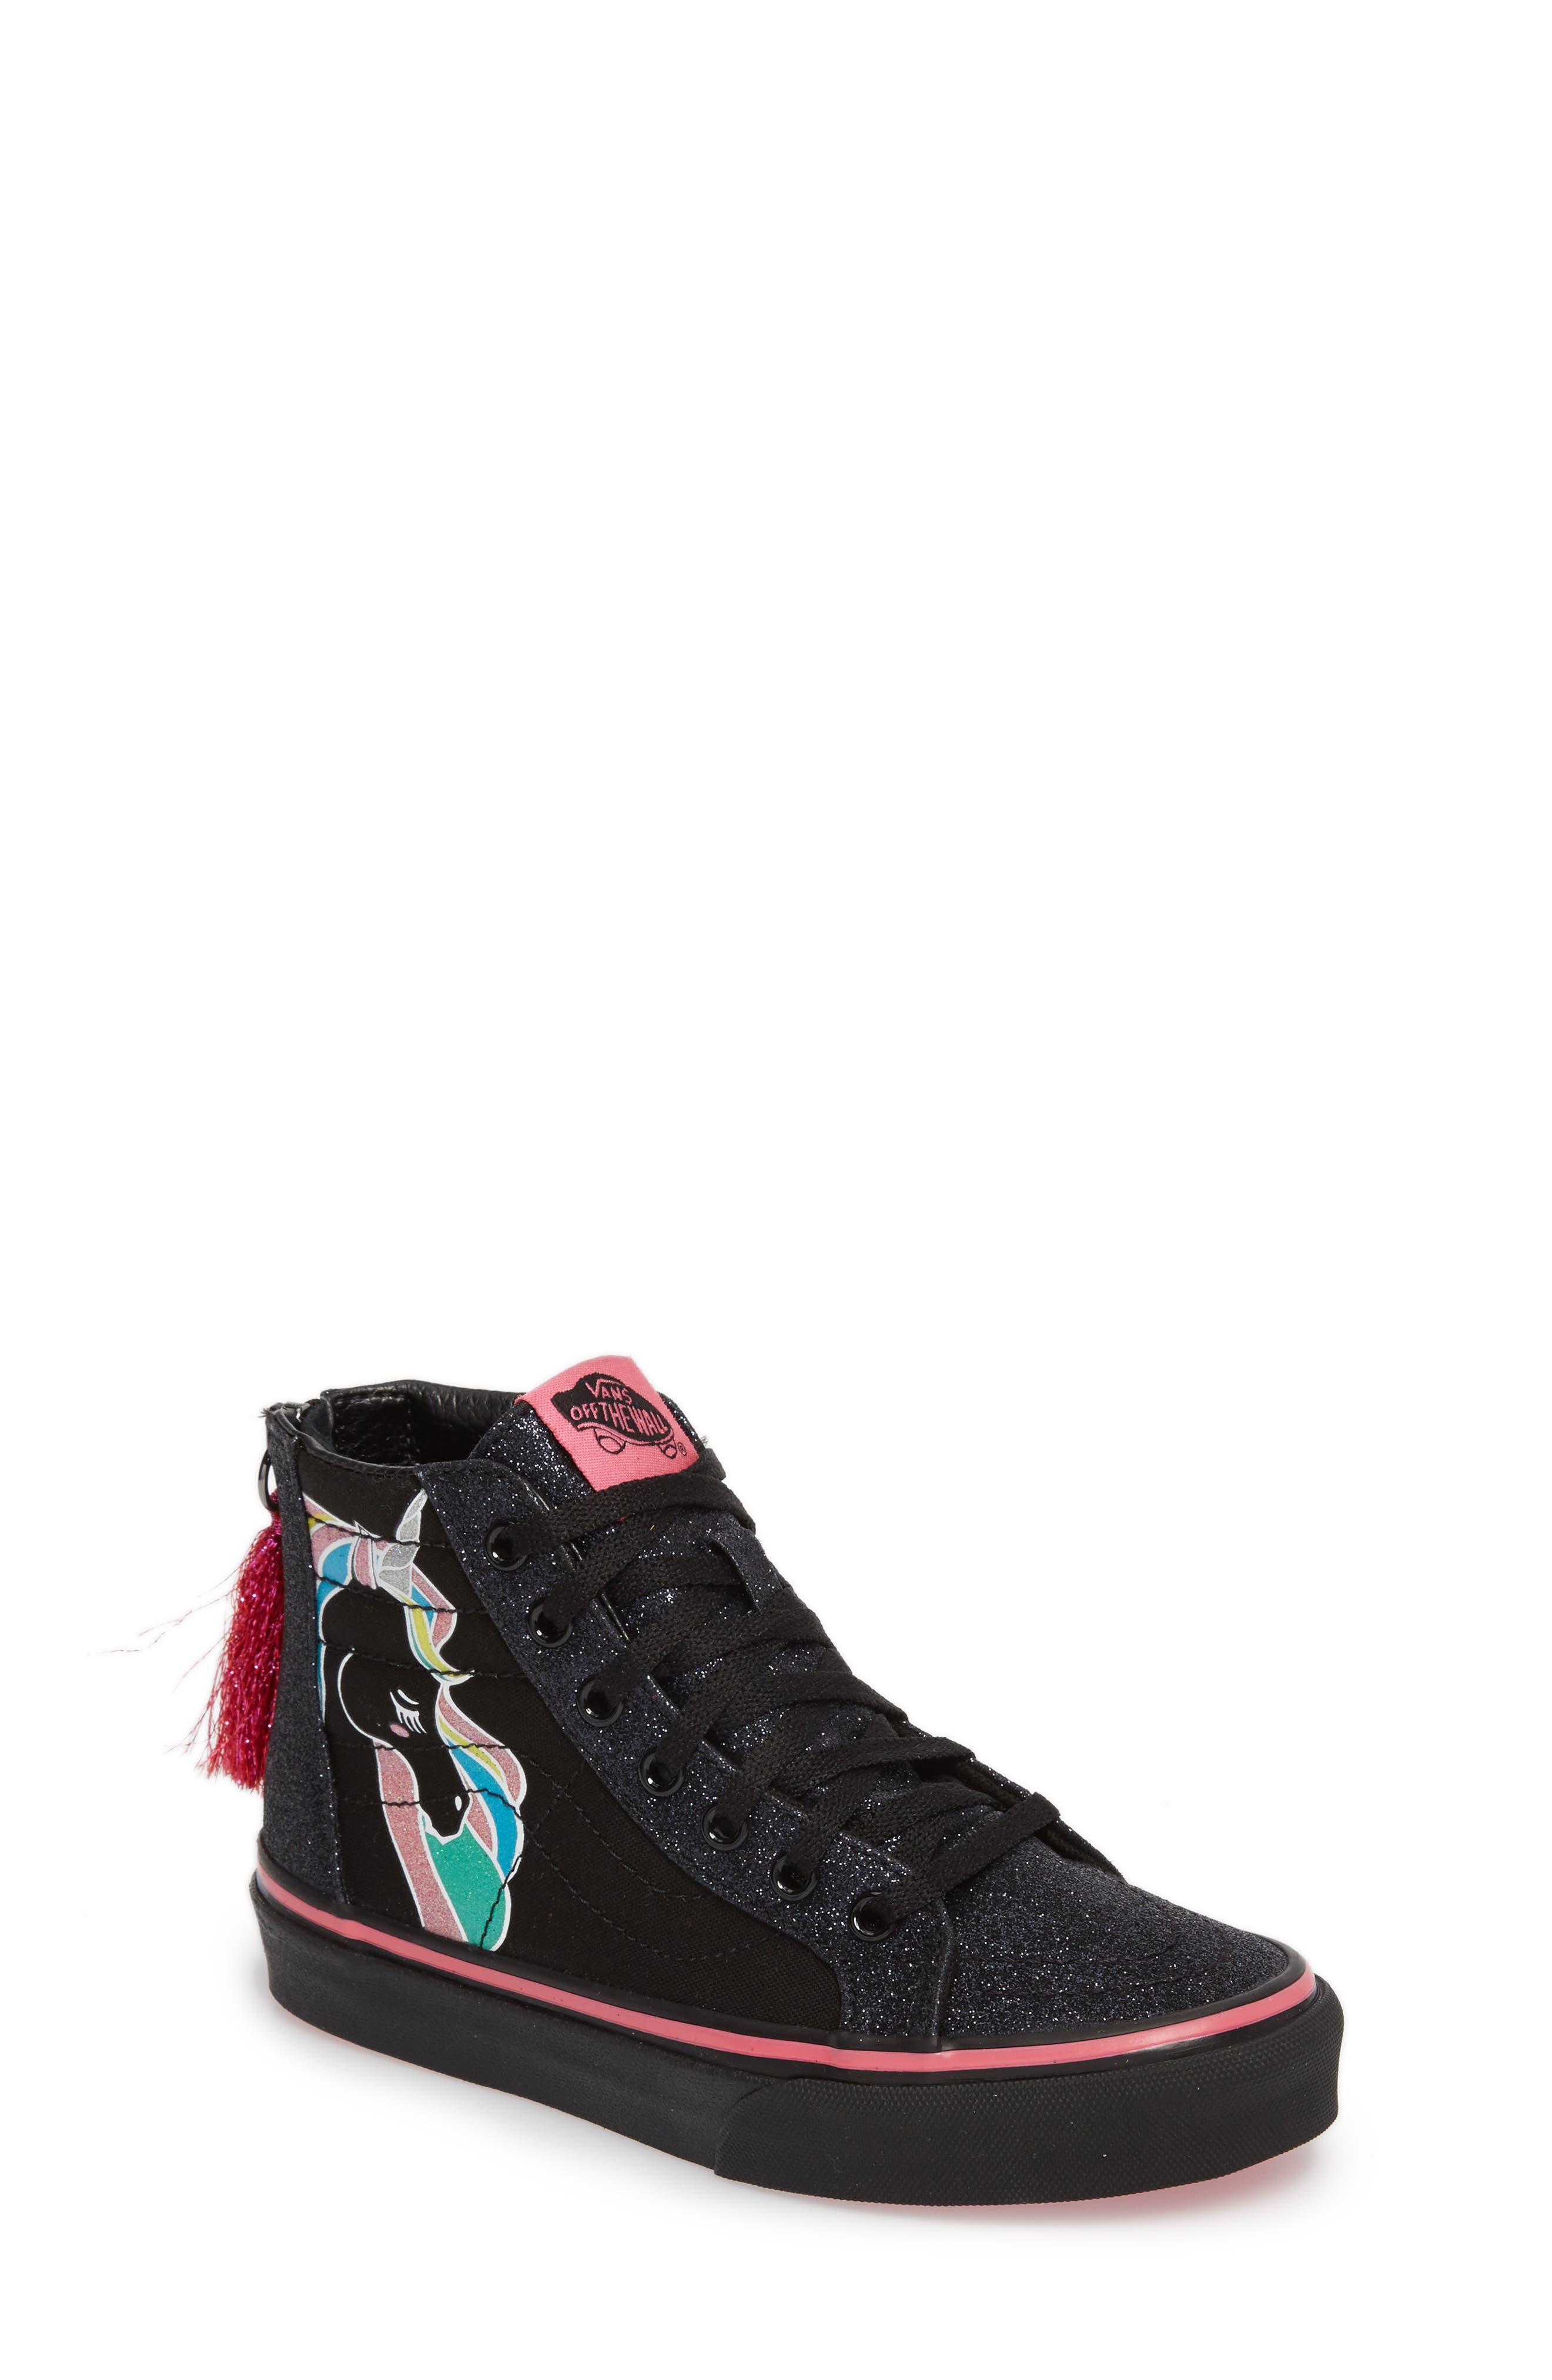 Vans Sk8-Hi Zip Unicorn Glitter High Top Sneaker (Baby, Walker, Toddler, Little Kid & Big Kid)